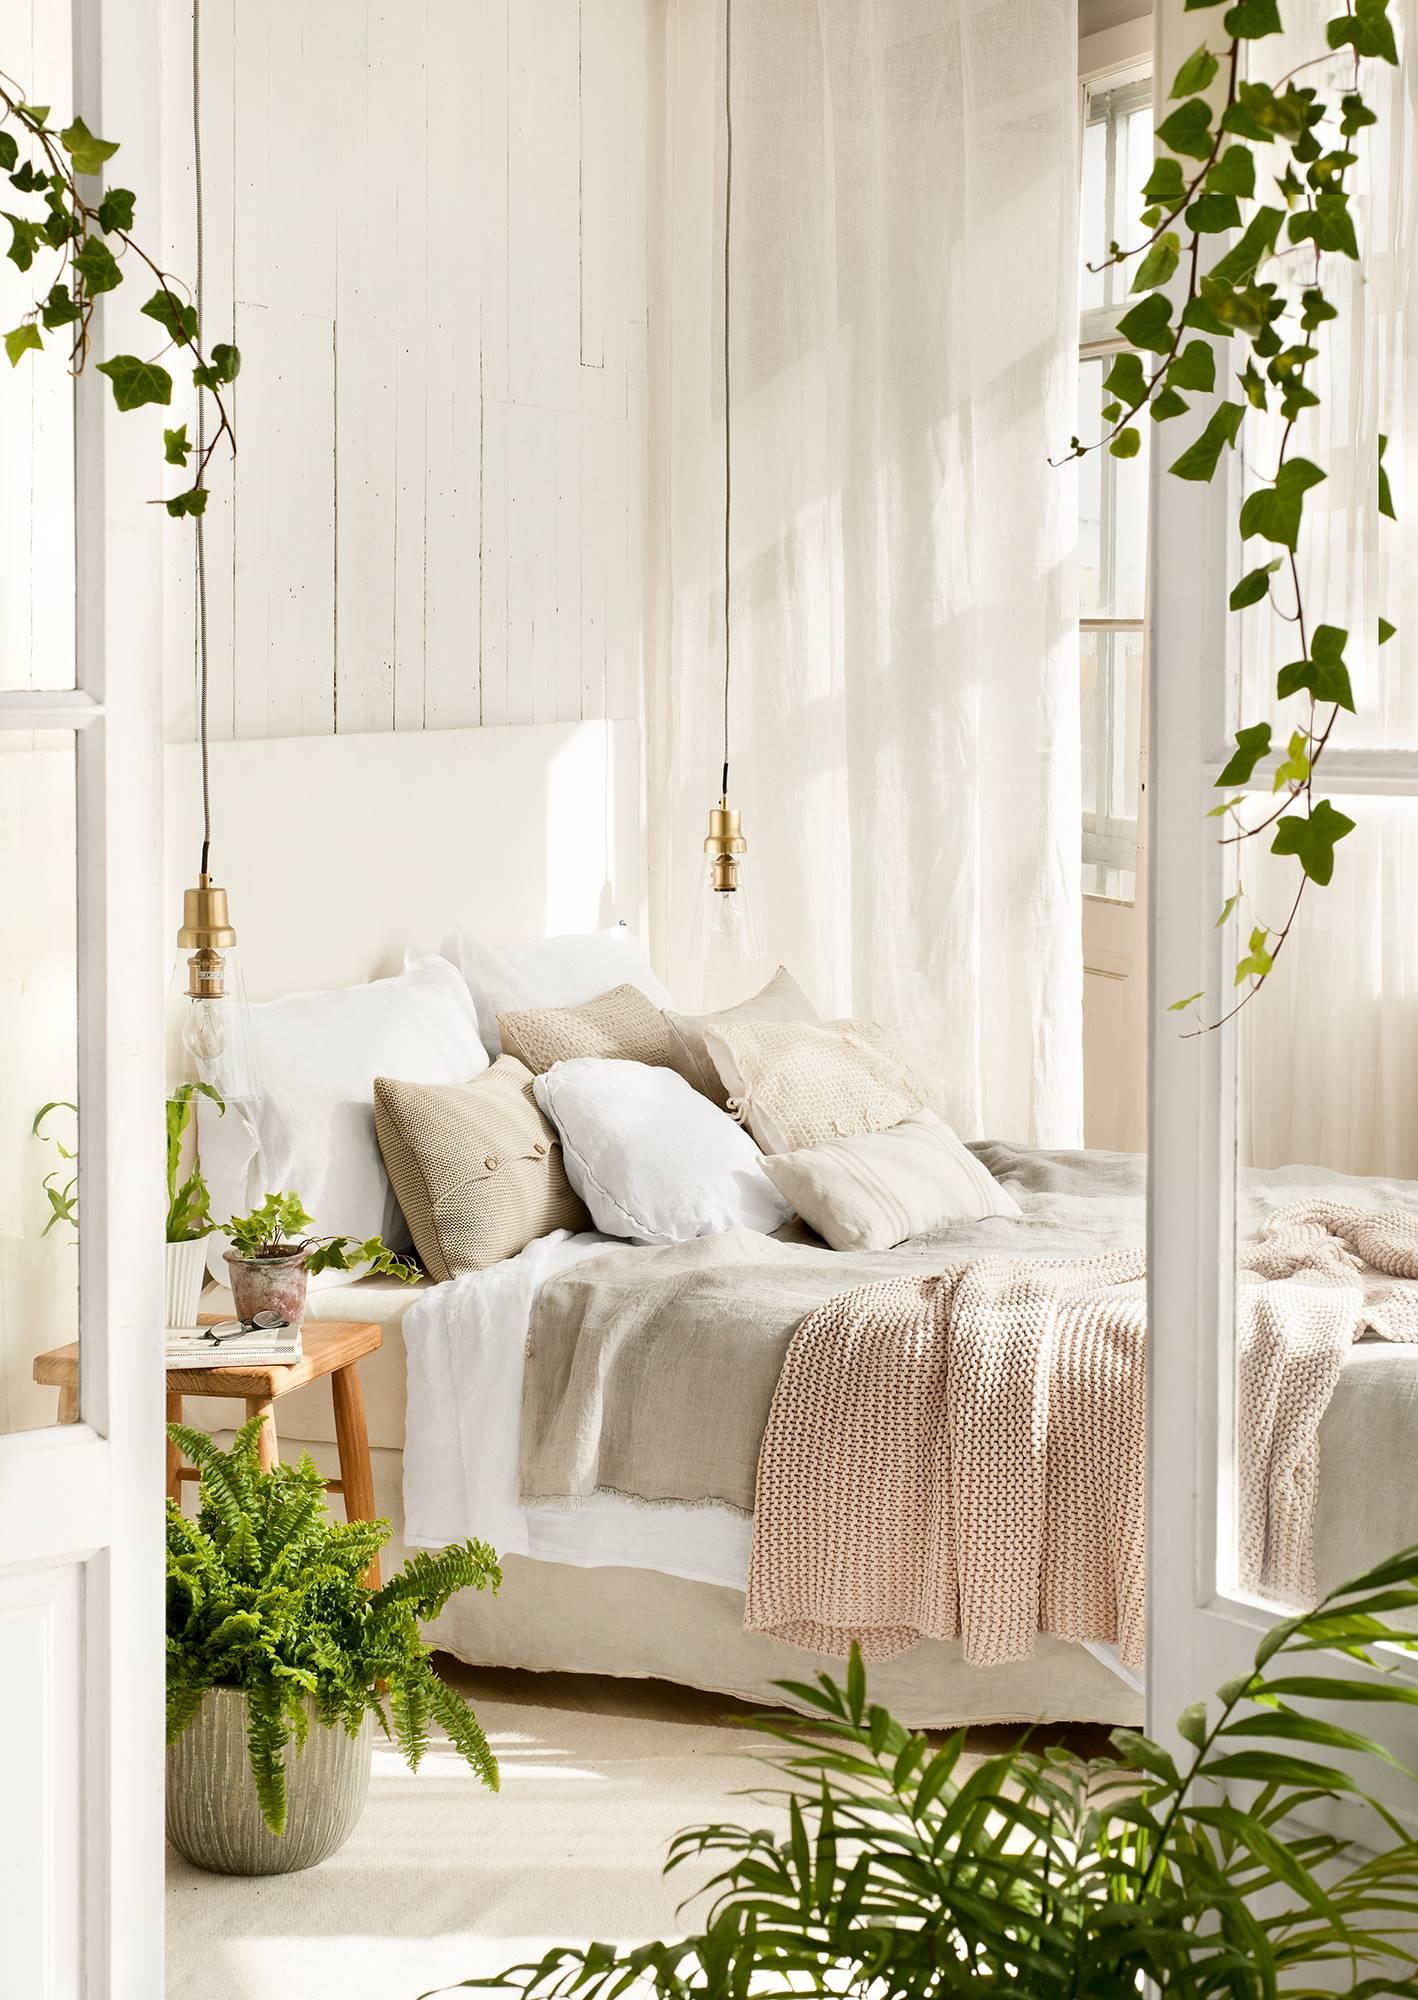 Dormitorio en blanco con cama bien vestida_ 00427724. Vístelo para seducir